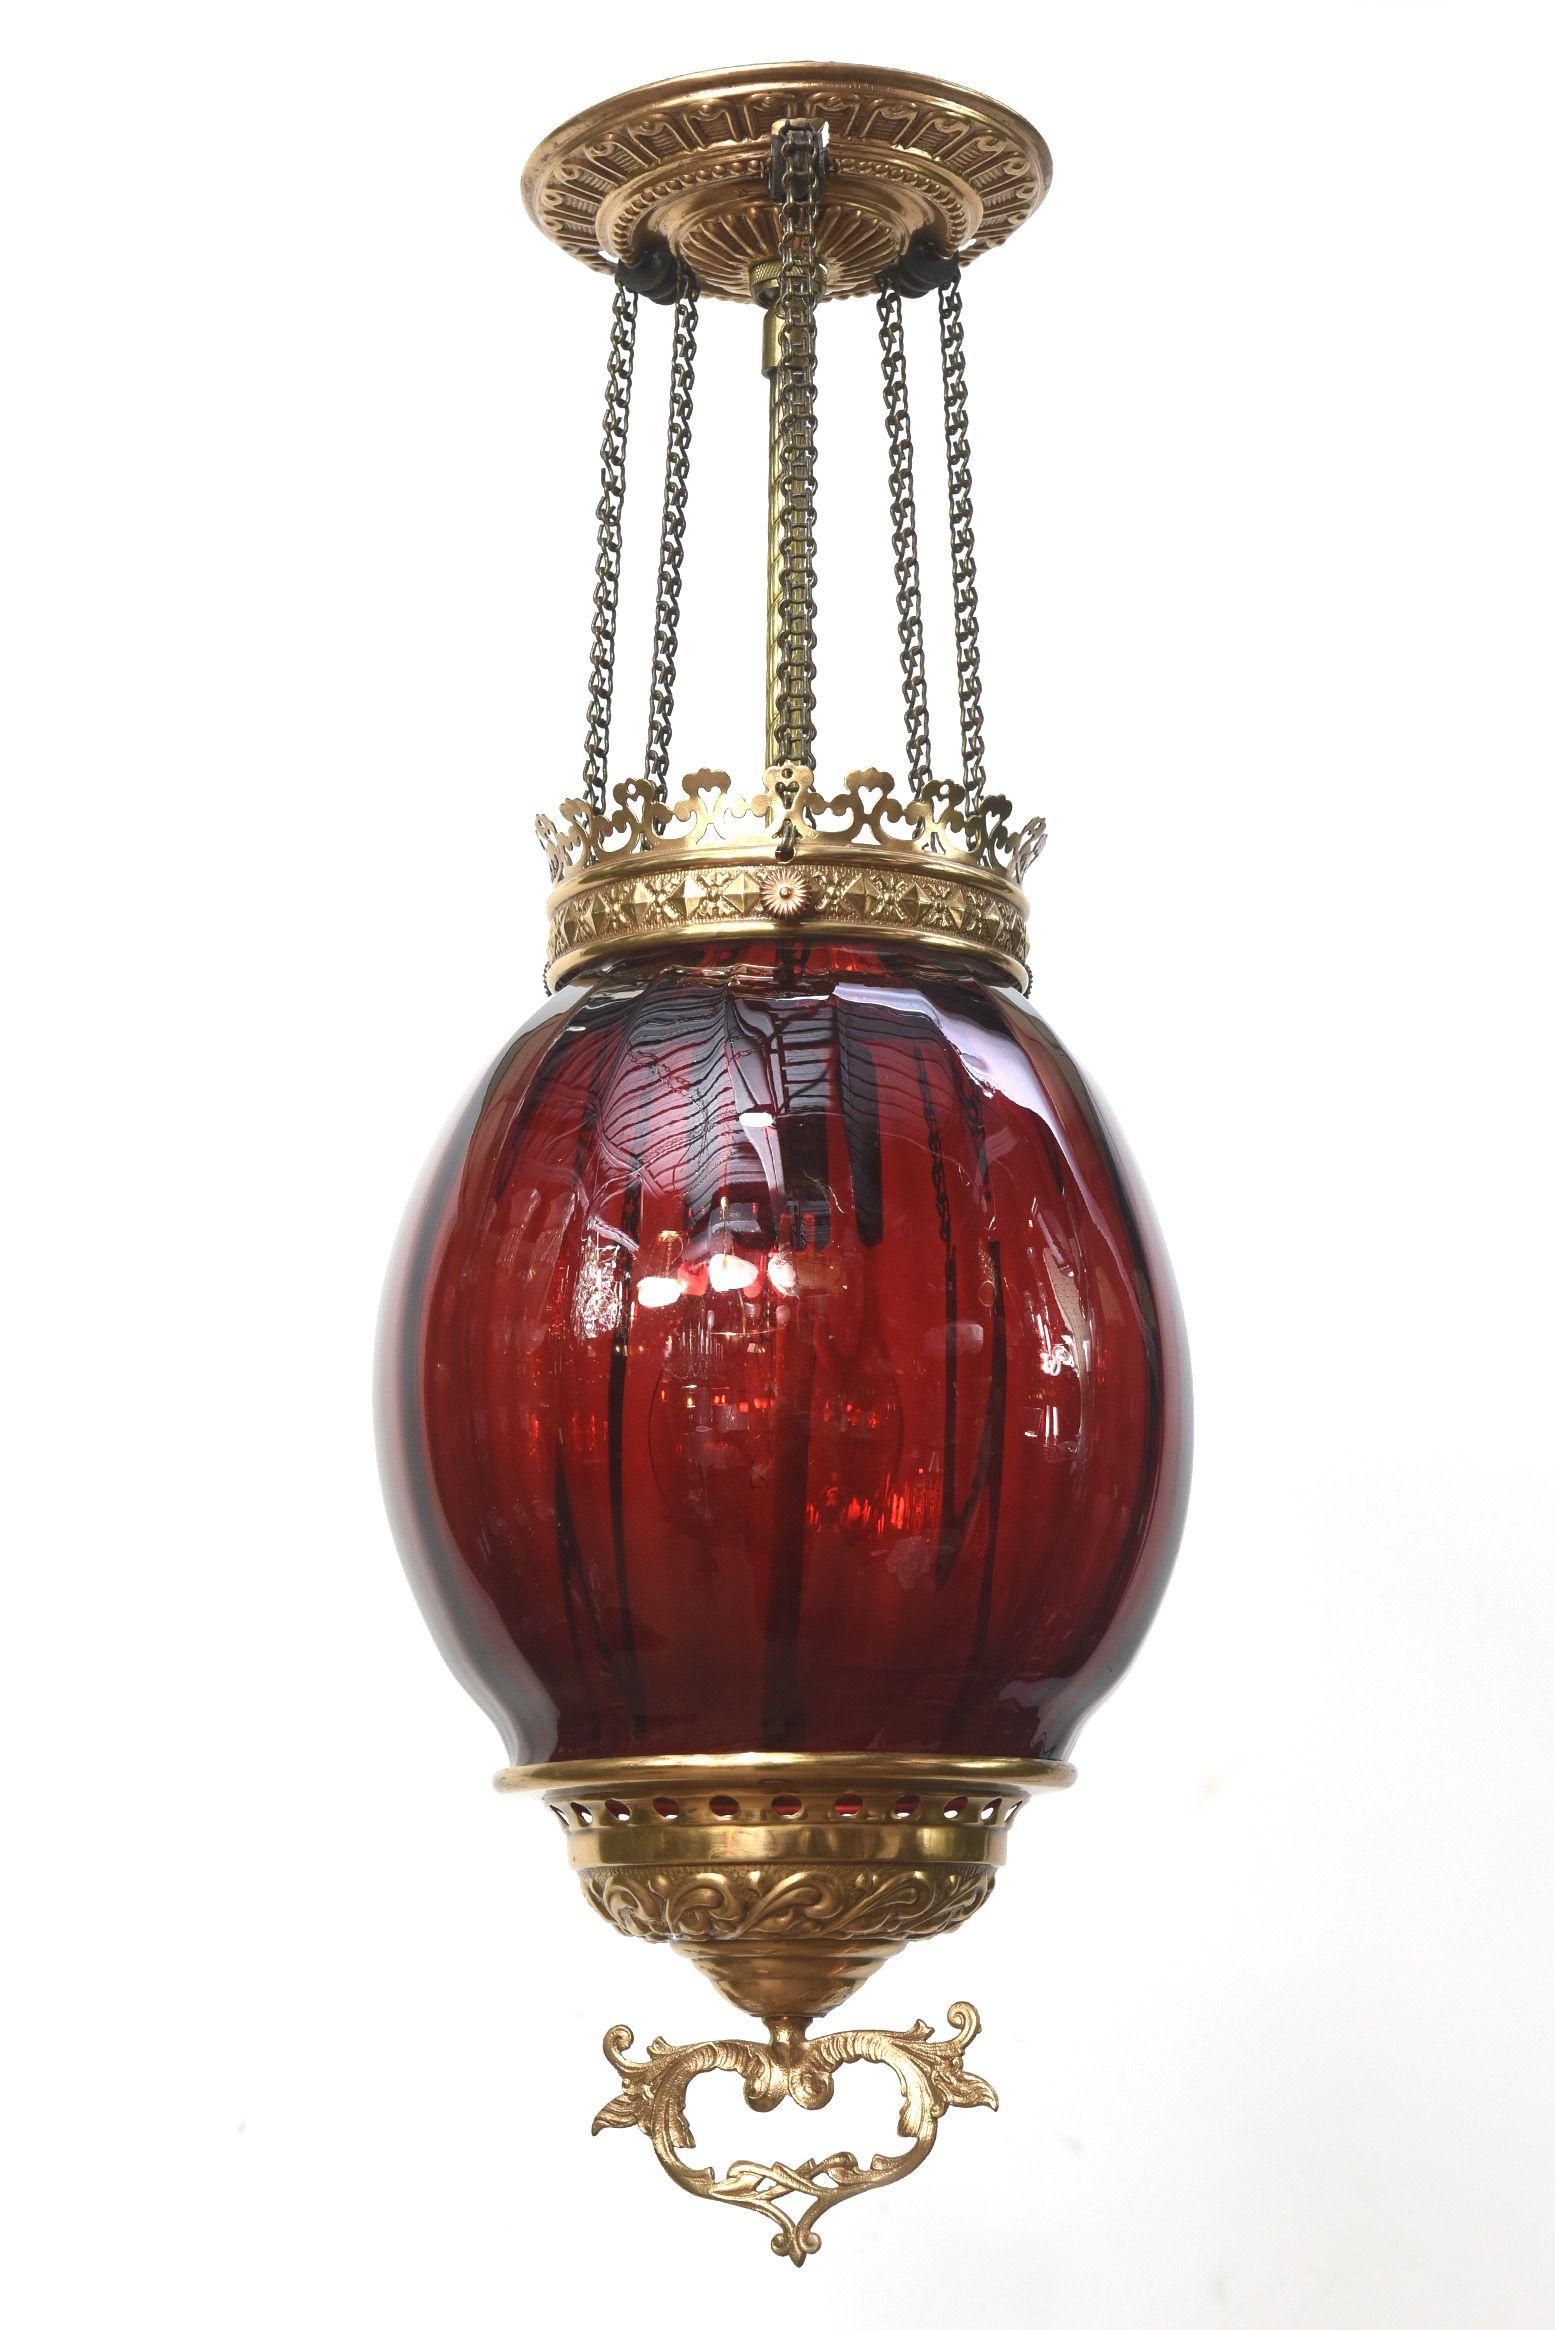 Ruby Glass Oil Lantern Appleton Antique Lighting Oil Lantern Antique Oil Lamps Antique Lighting